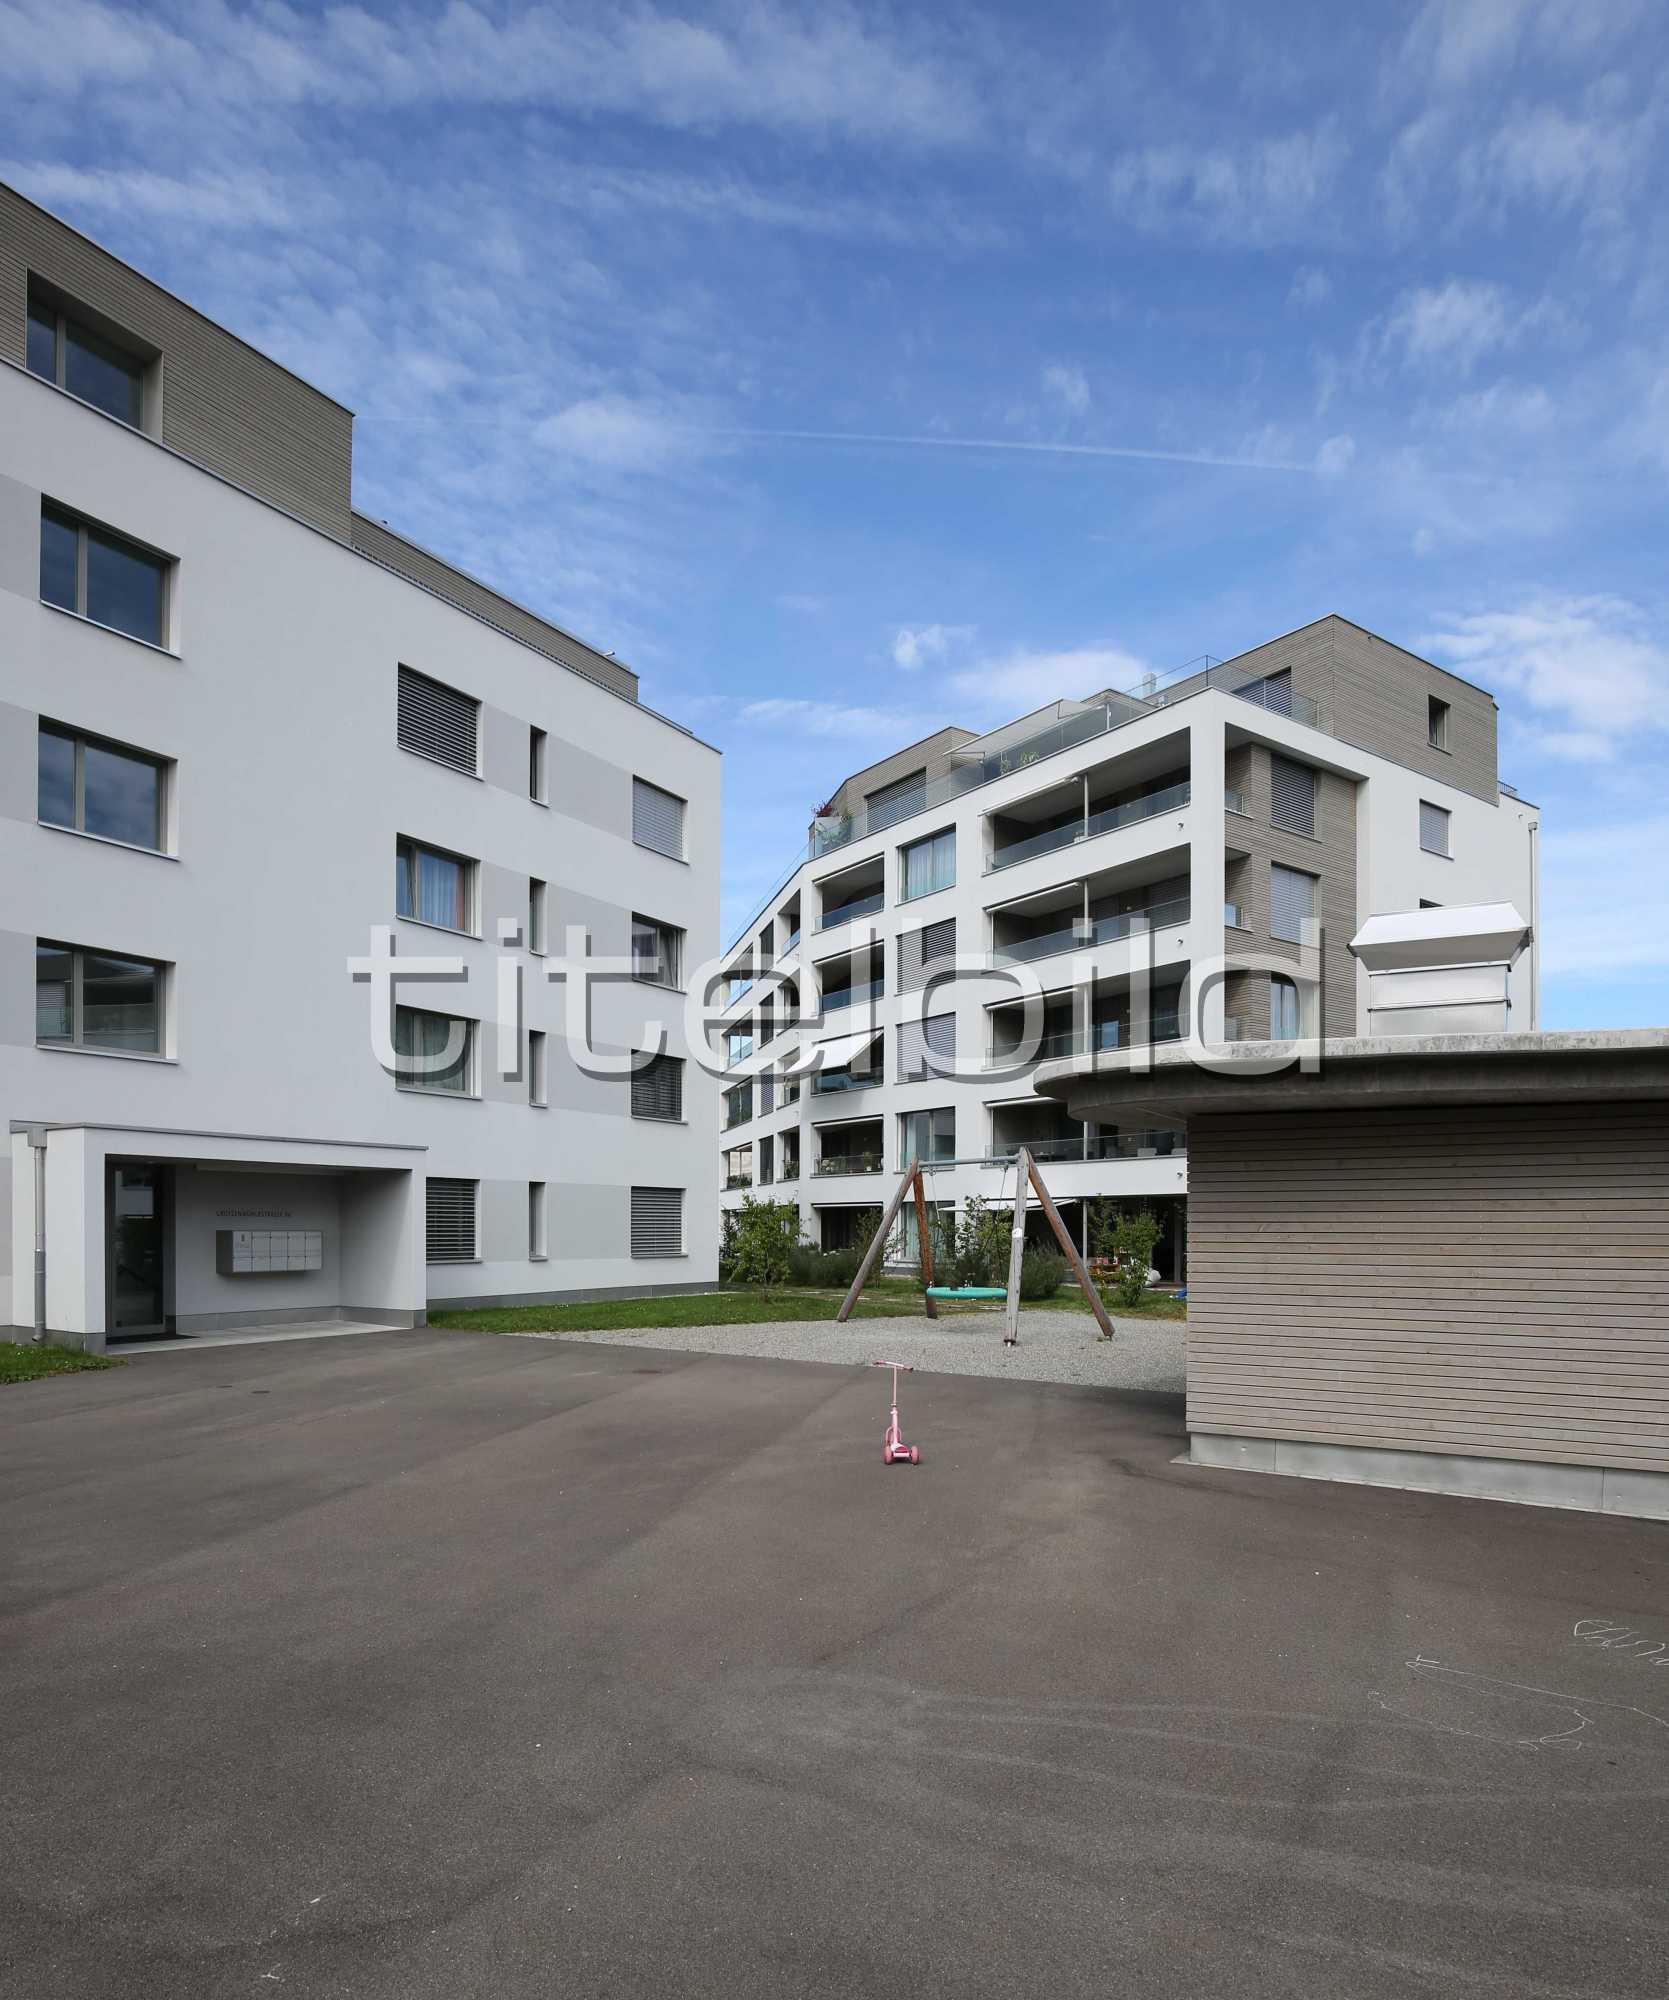 Projektbild-Nr. 5: Überbauung Obere Allmeind, 8840 Einsiedeln